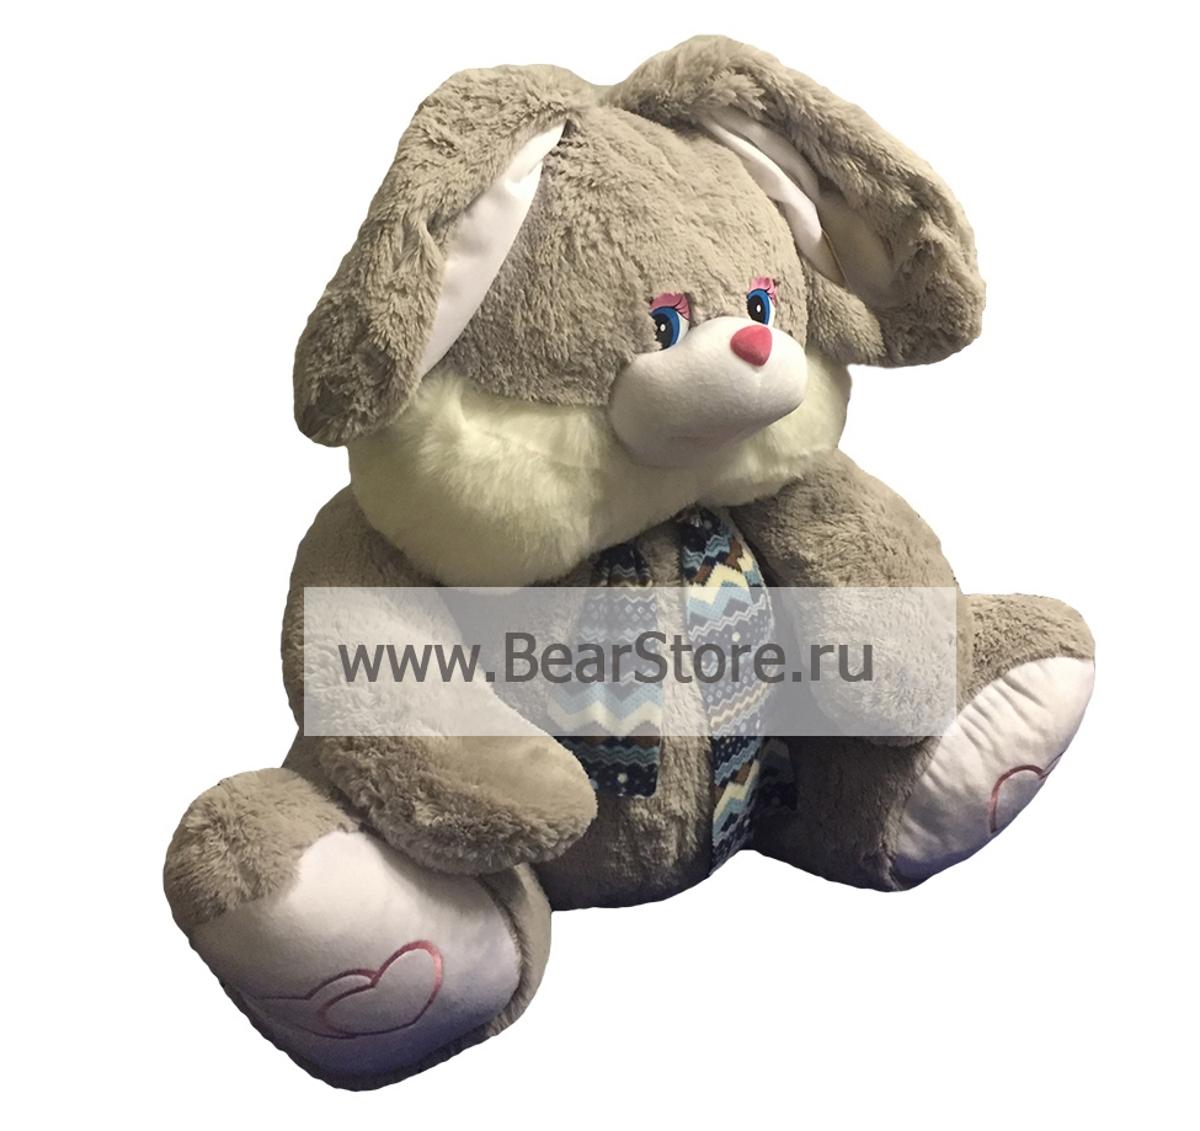 Заяц Демьян 120 см